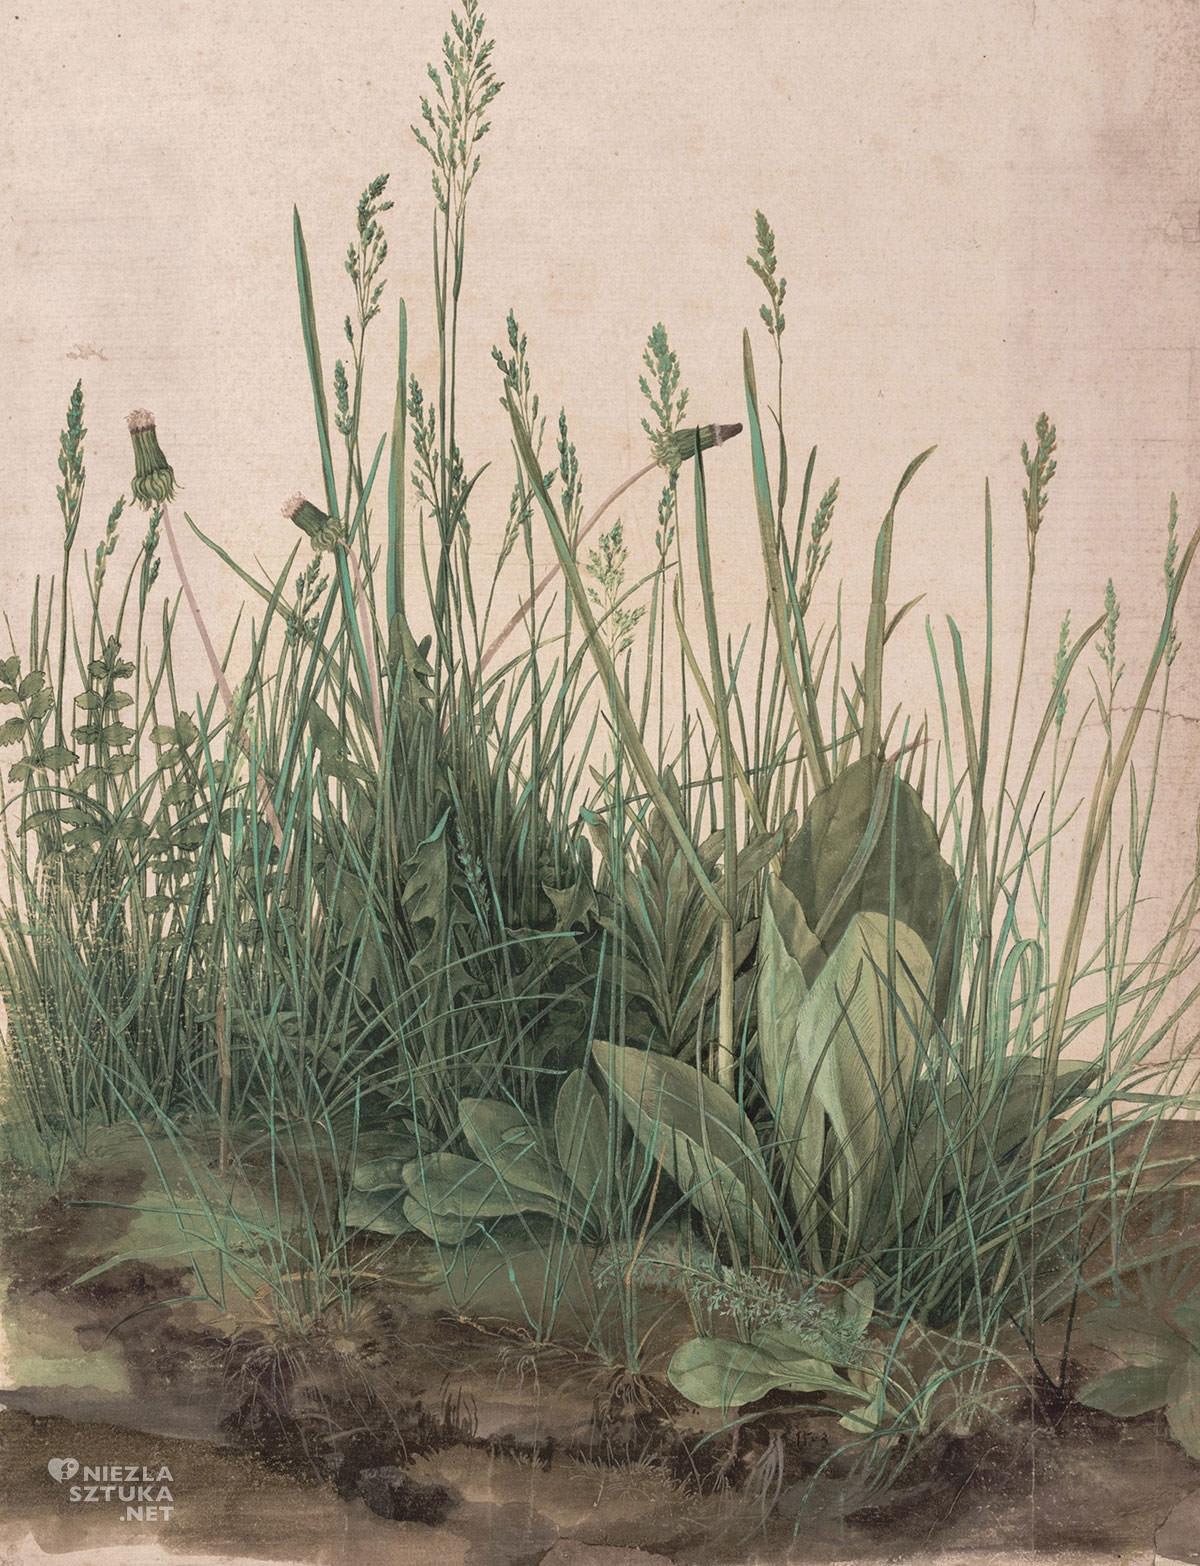 Albrecht Dürer, Studium trawy, Niezła sztuka